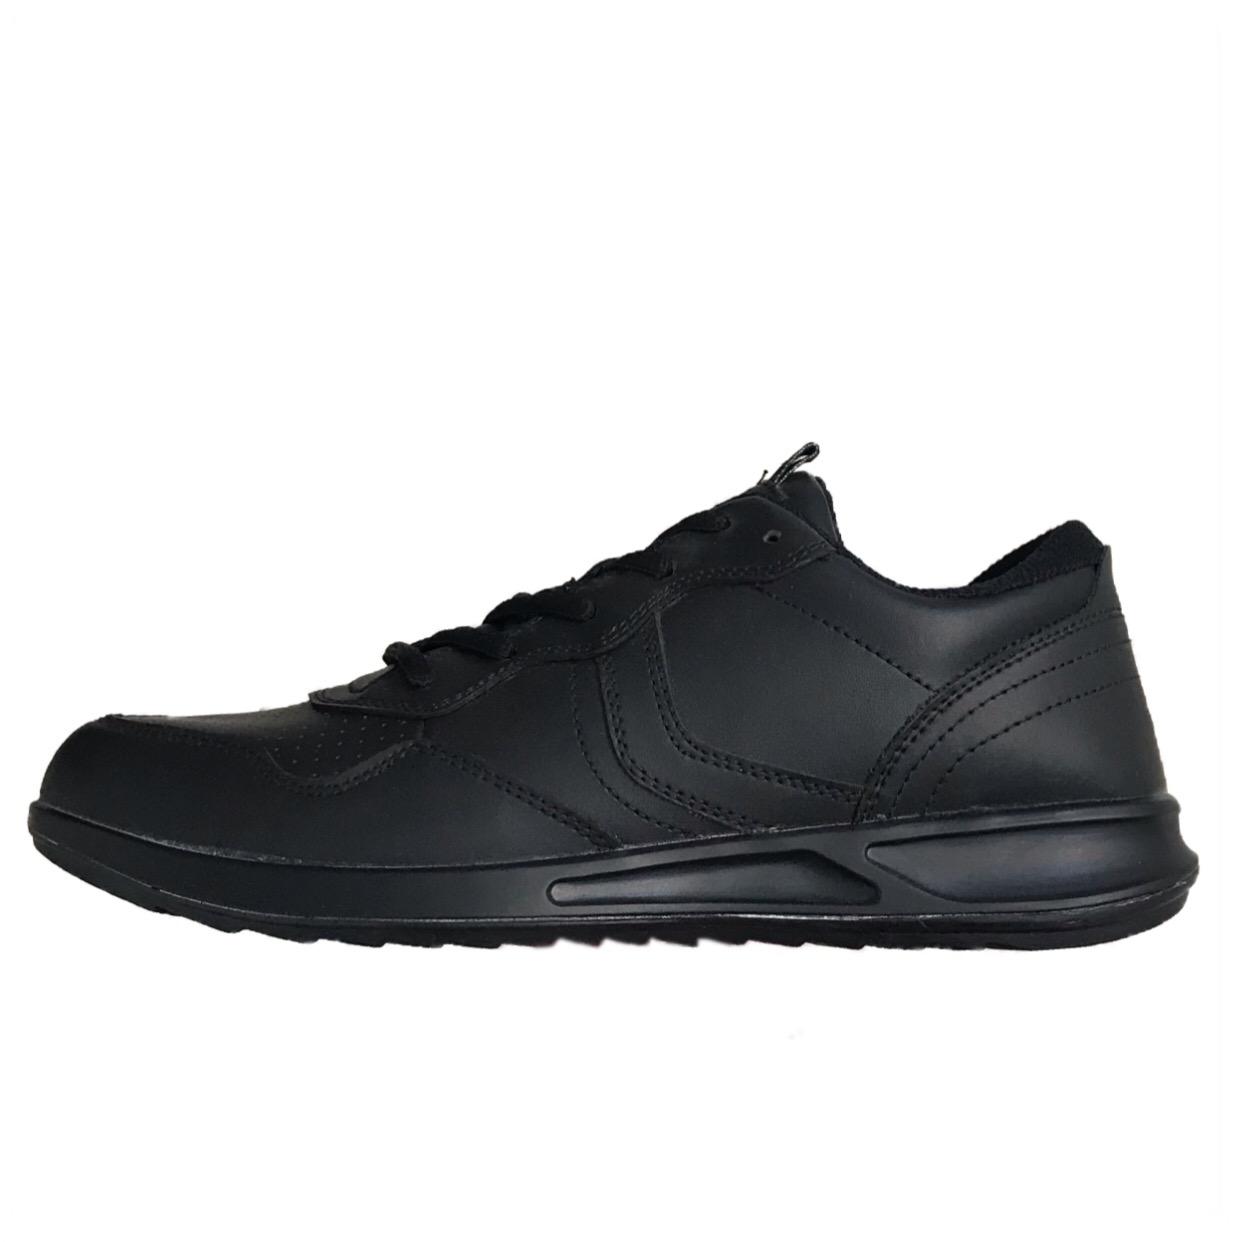 کفش مخصوص پیاده روی مردانه مدل بایوم کد ۰۶۳